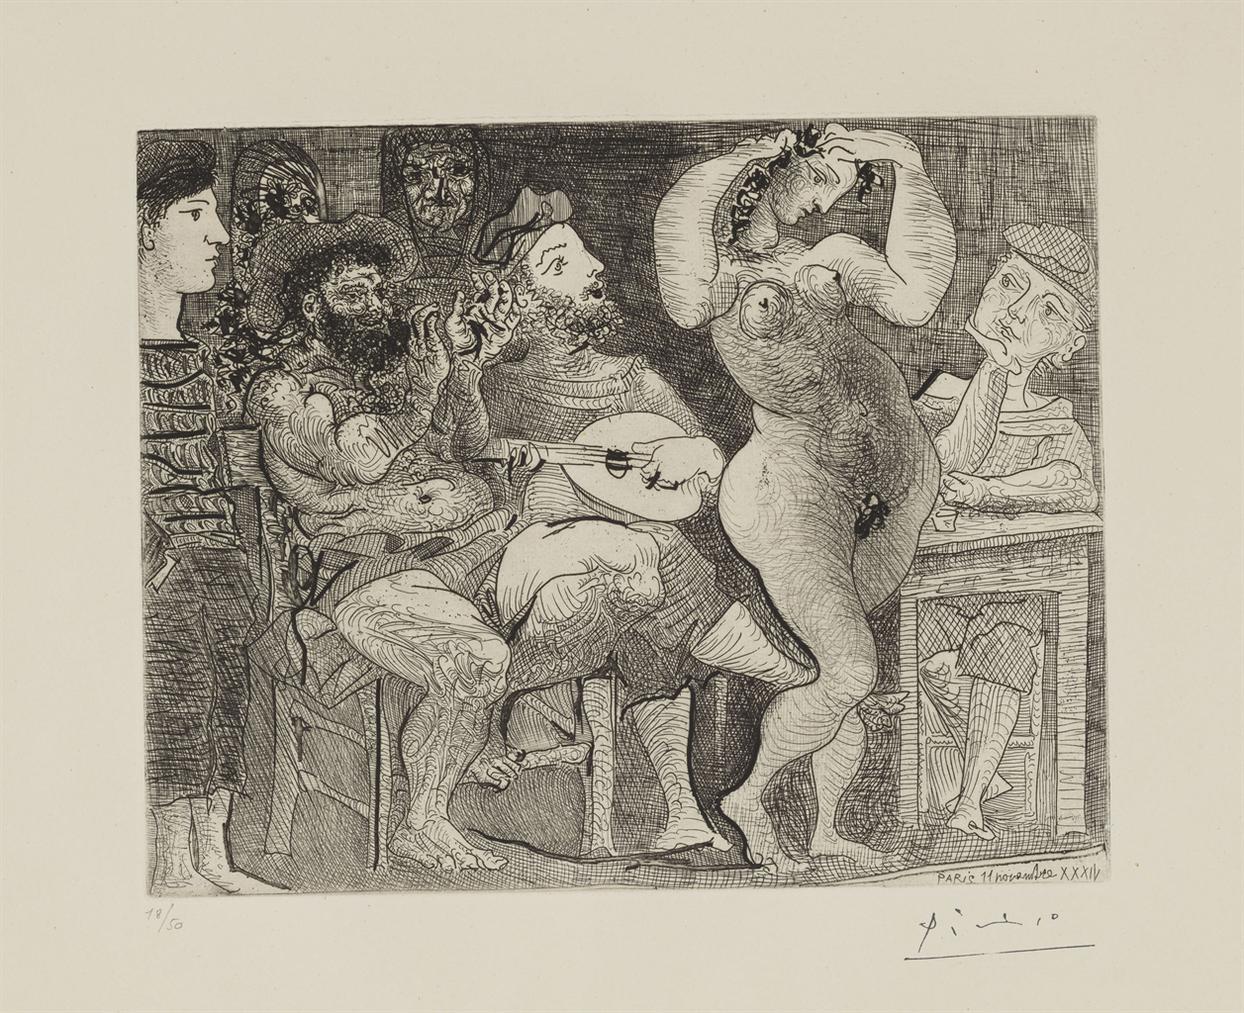 Pablo Picasso-Au Cabaret-1934